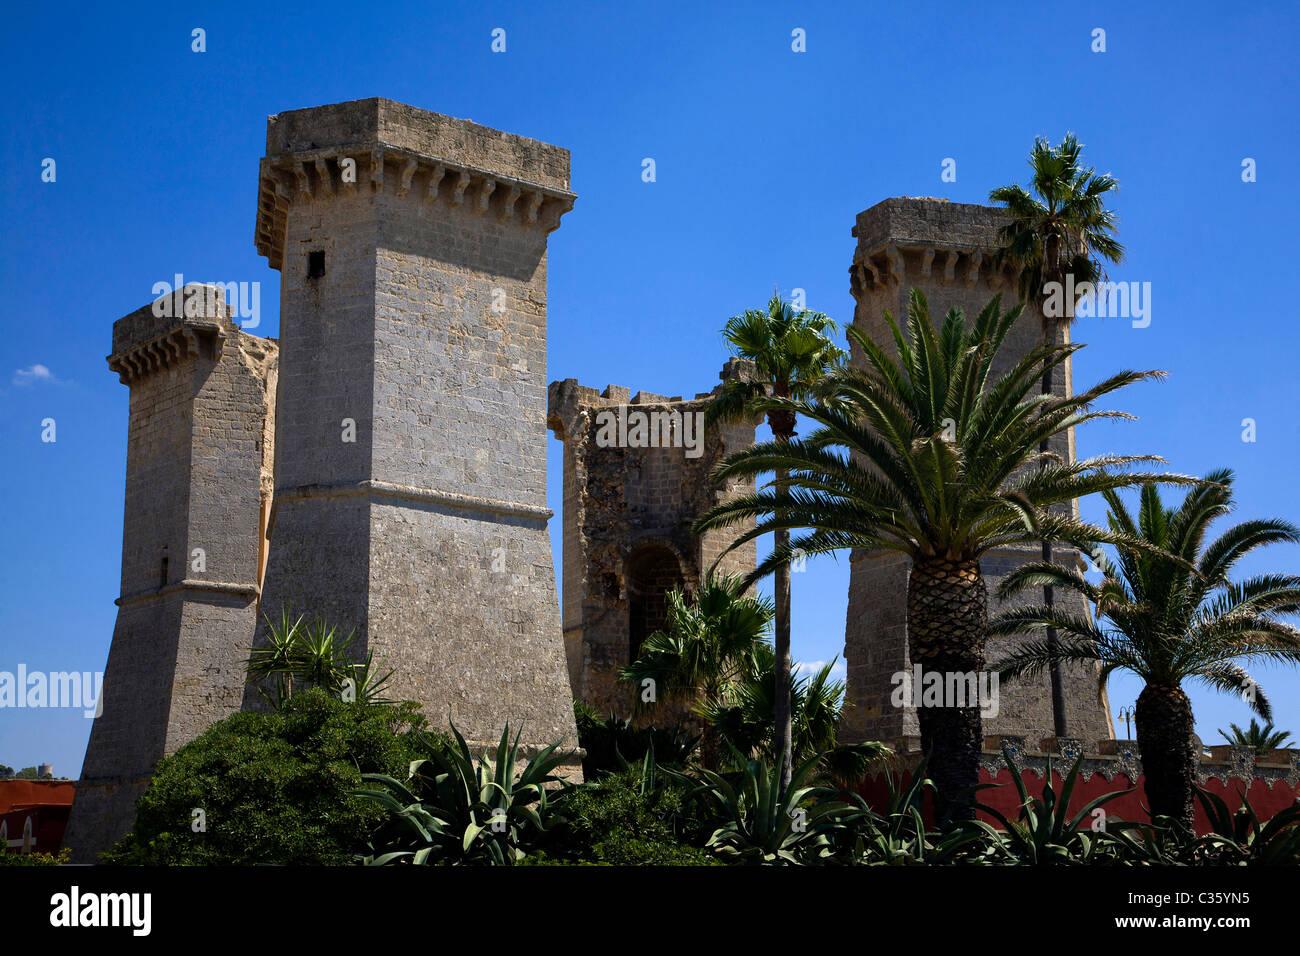 Quattro colonne, Santa Maria al Bagno, Salento, Apulia, Italy Stock ...